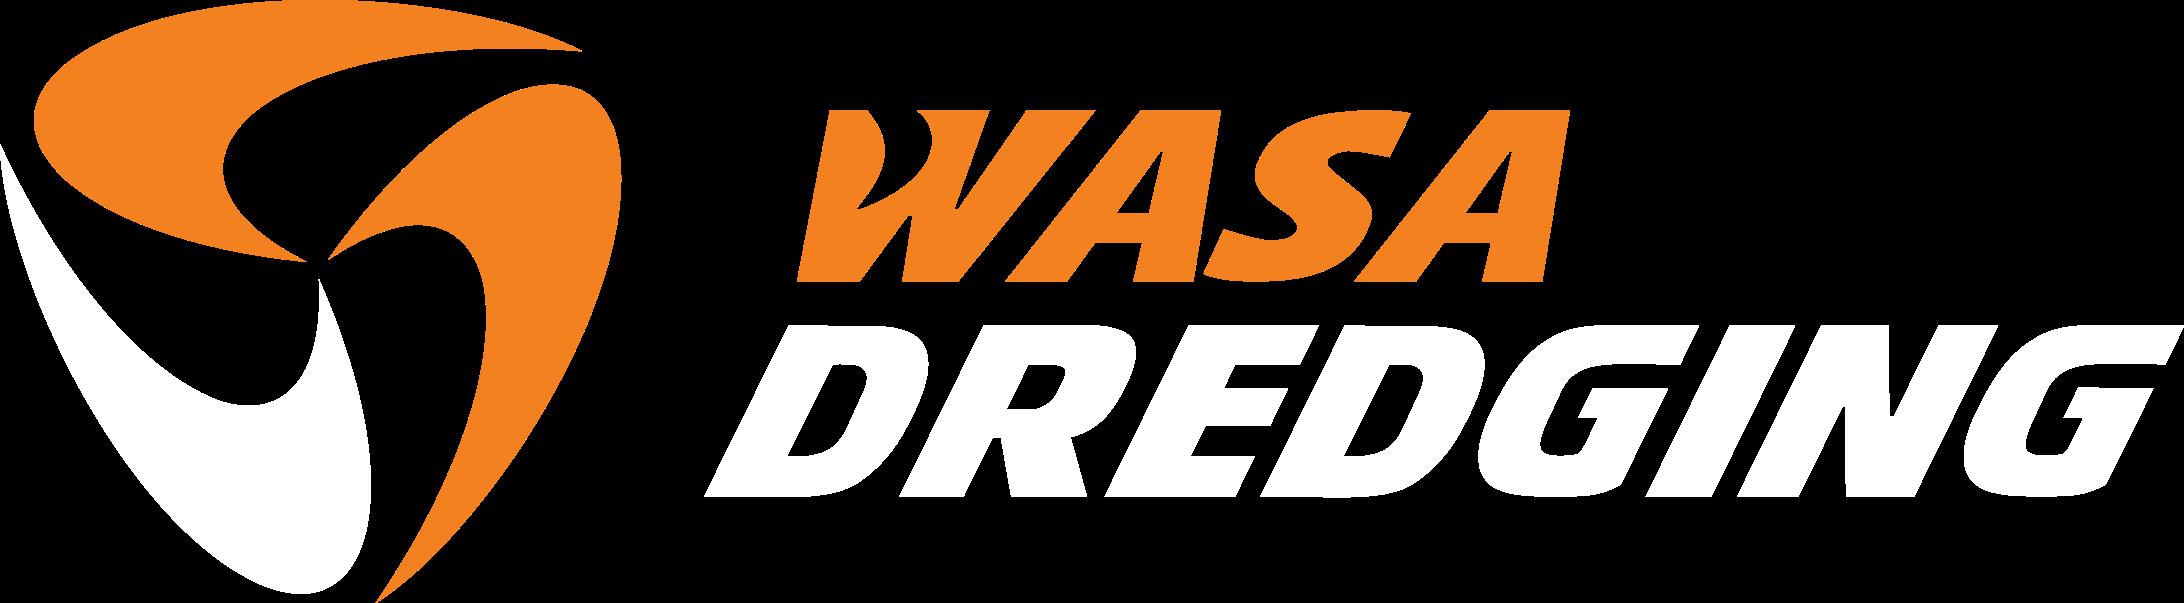 Wasa Dredging | Specialists in underwater blasting & dredging